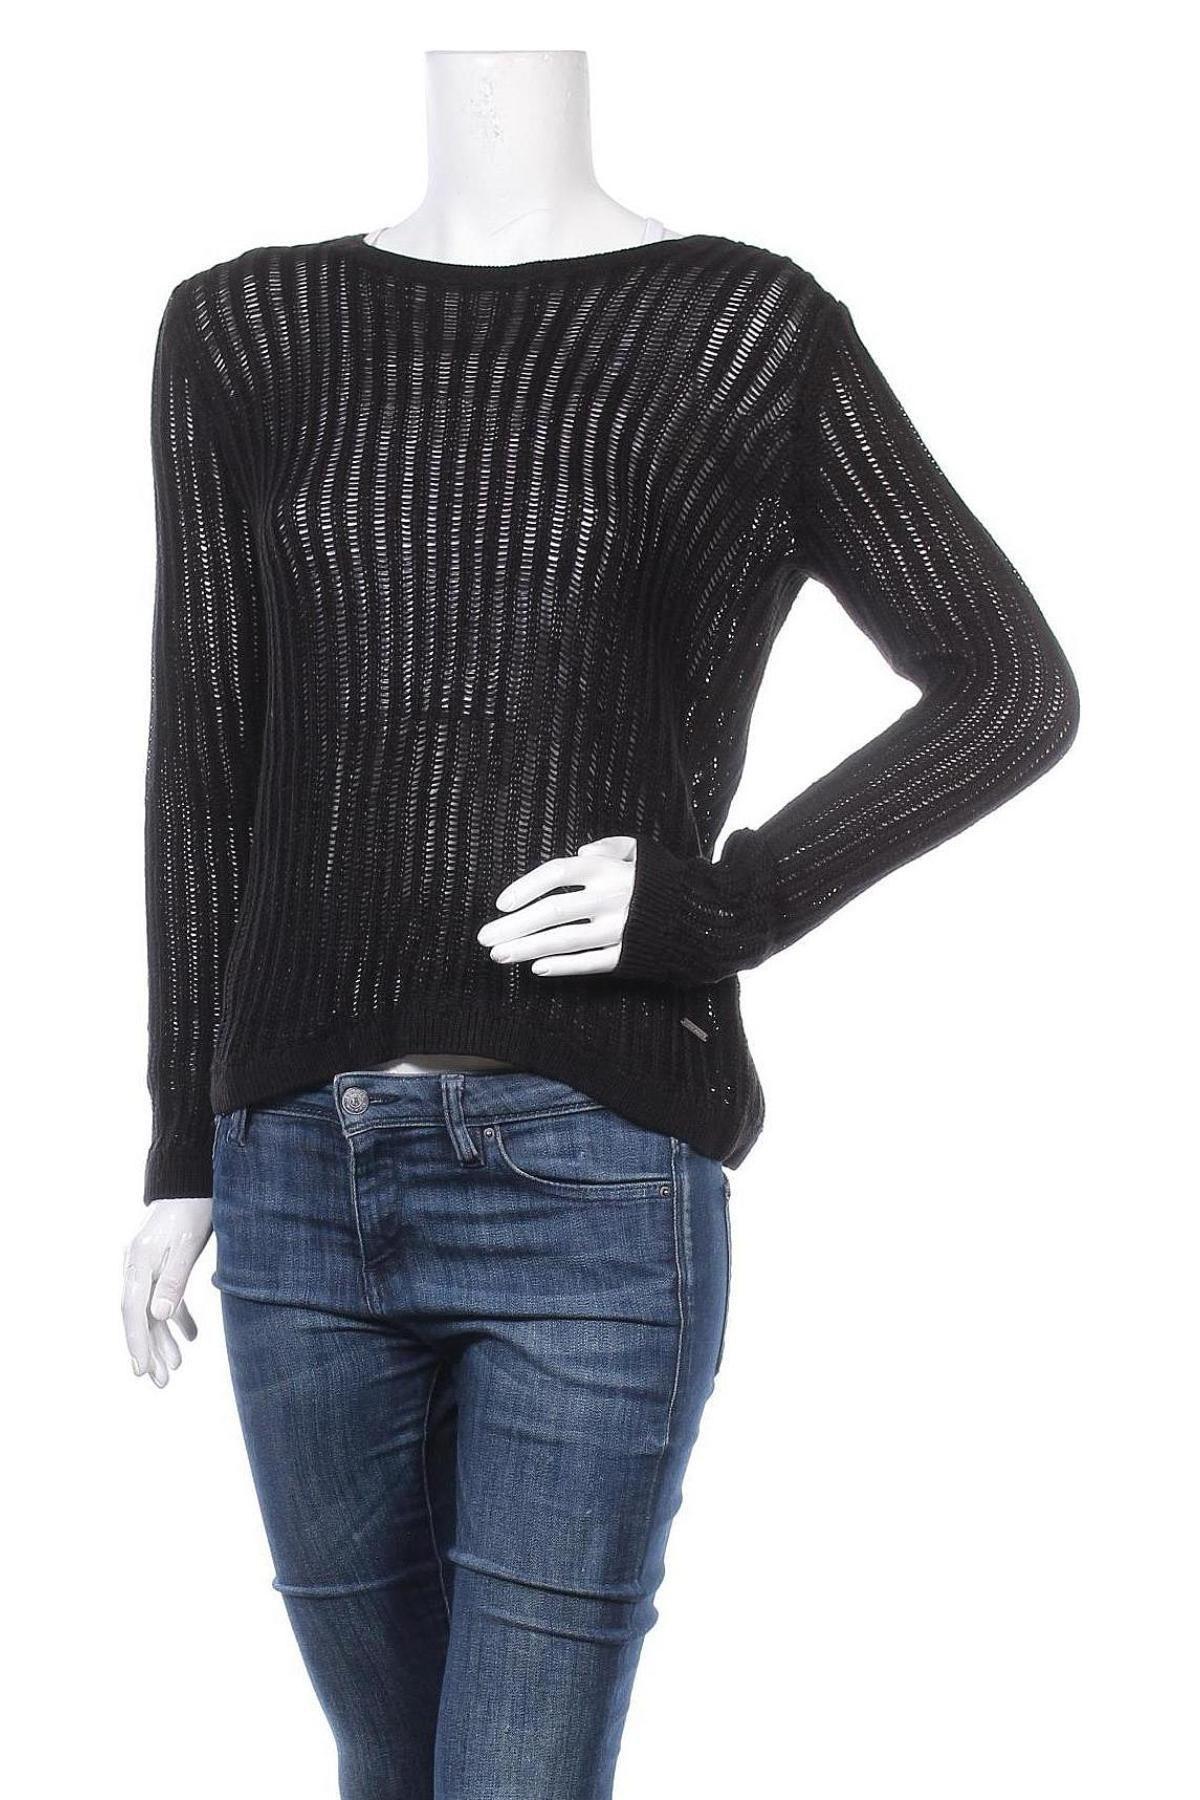 Γυναικείο πουλόβερ Lee Cooper, Μέγεθος M, Χρώμα Μαύρο, Ακρυλικό, βαμβάκι, Τιμή 10,18€